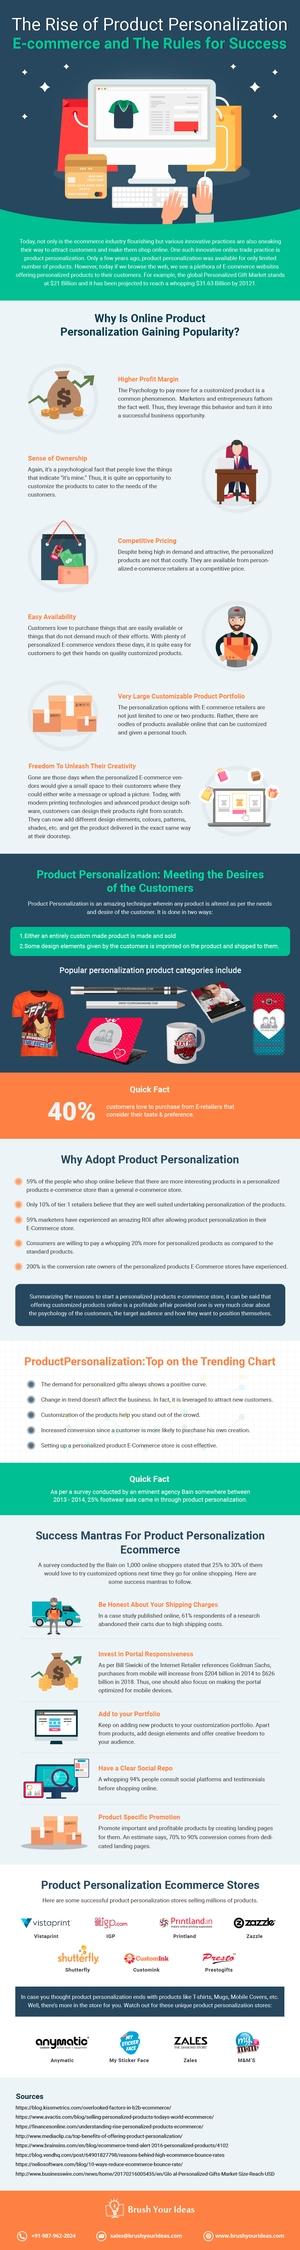 Product personalization rage pa - brushyourideas | ello